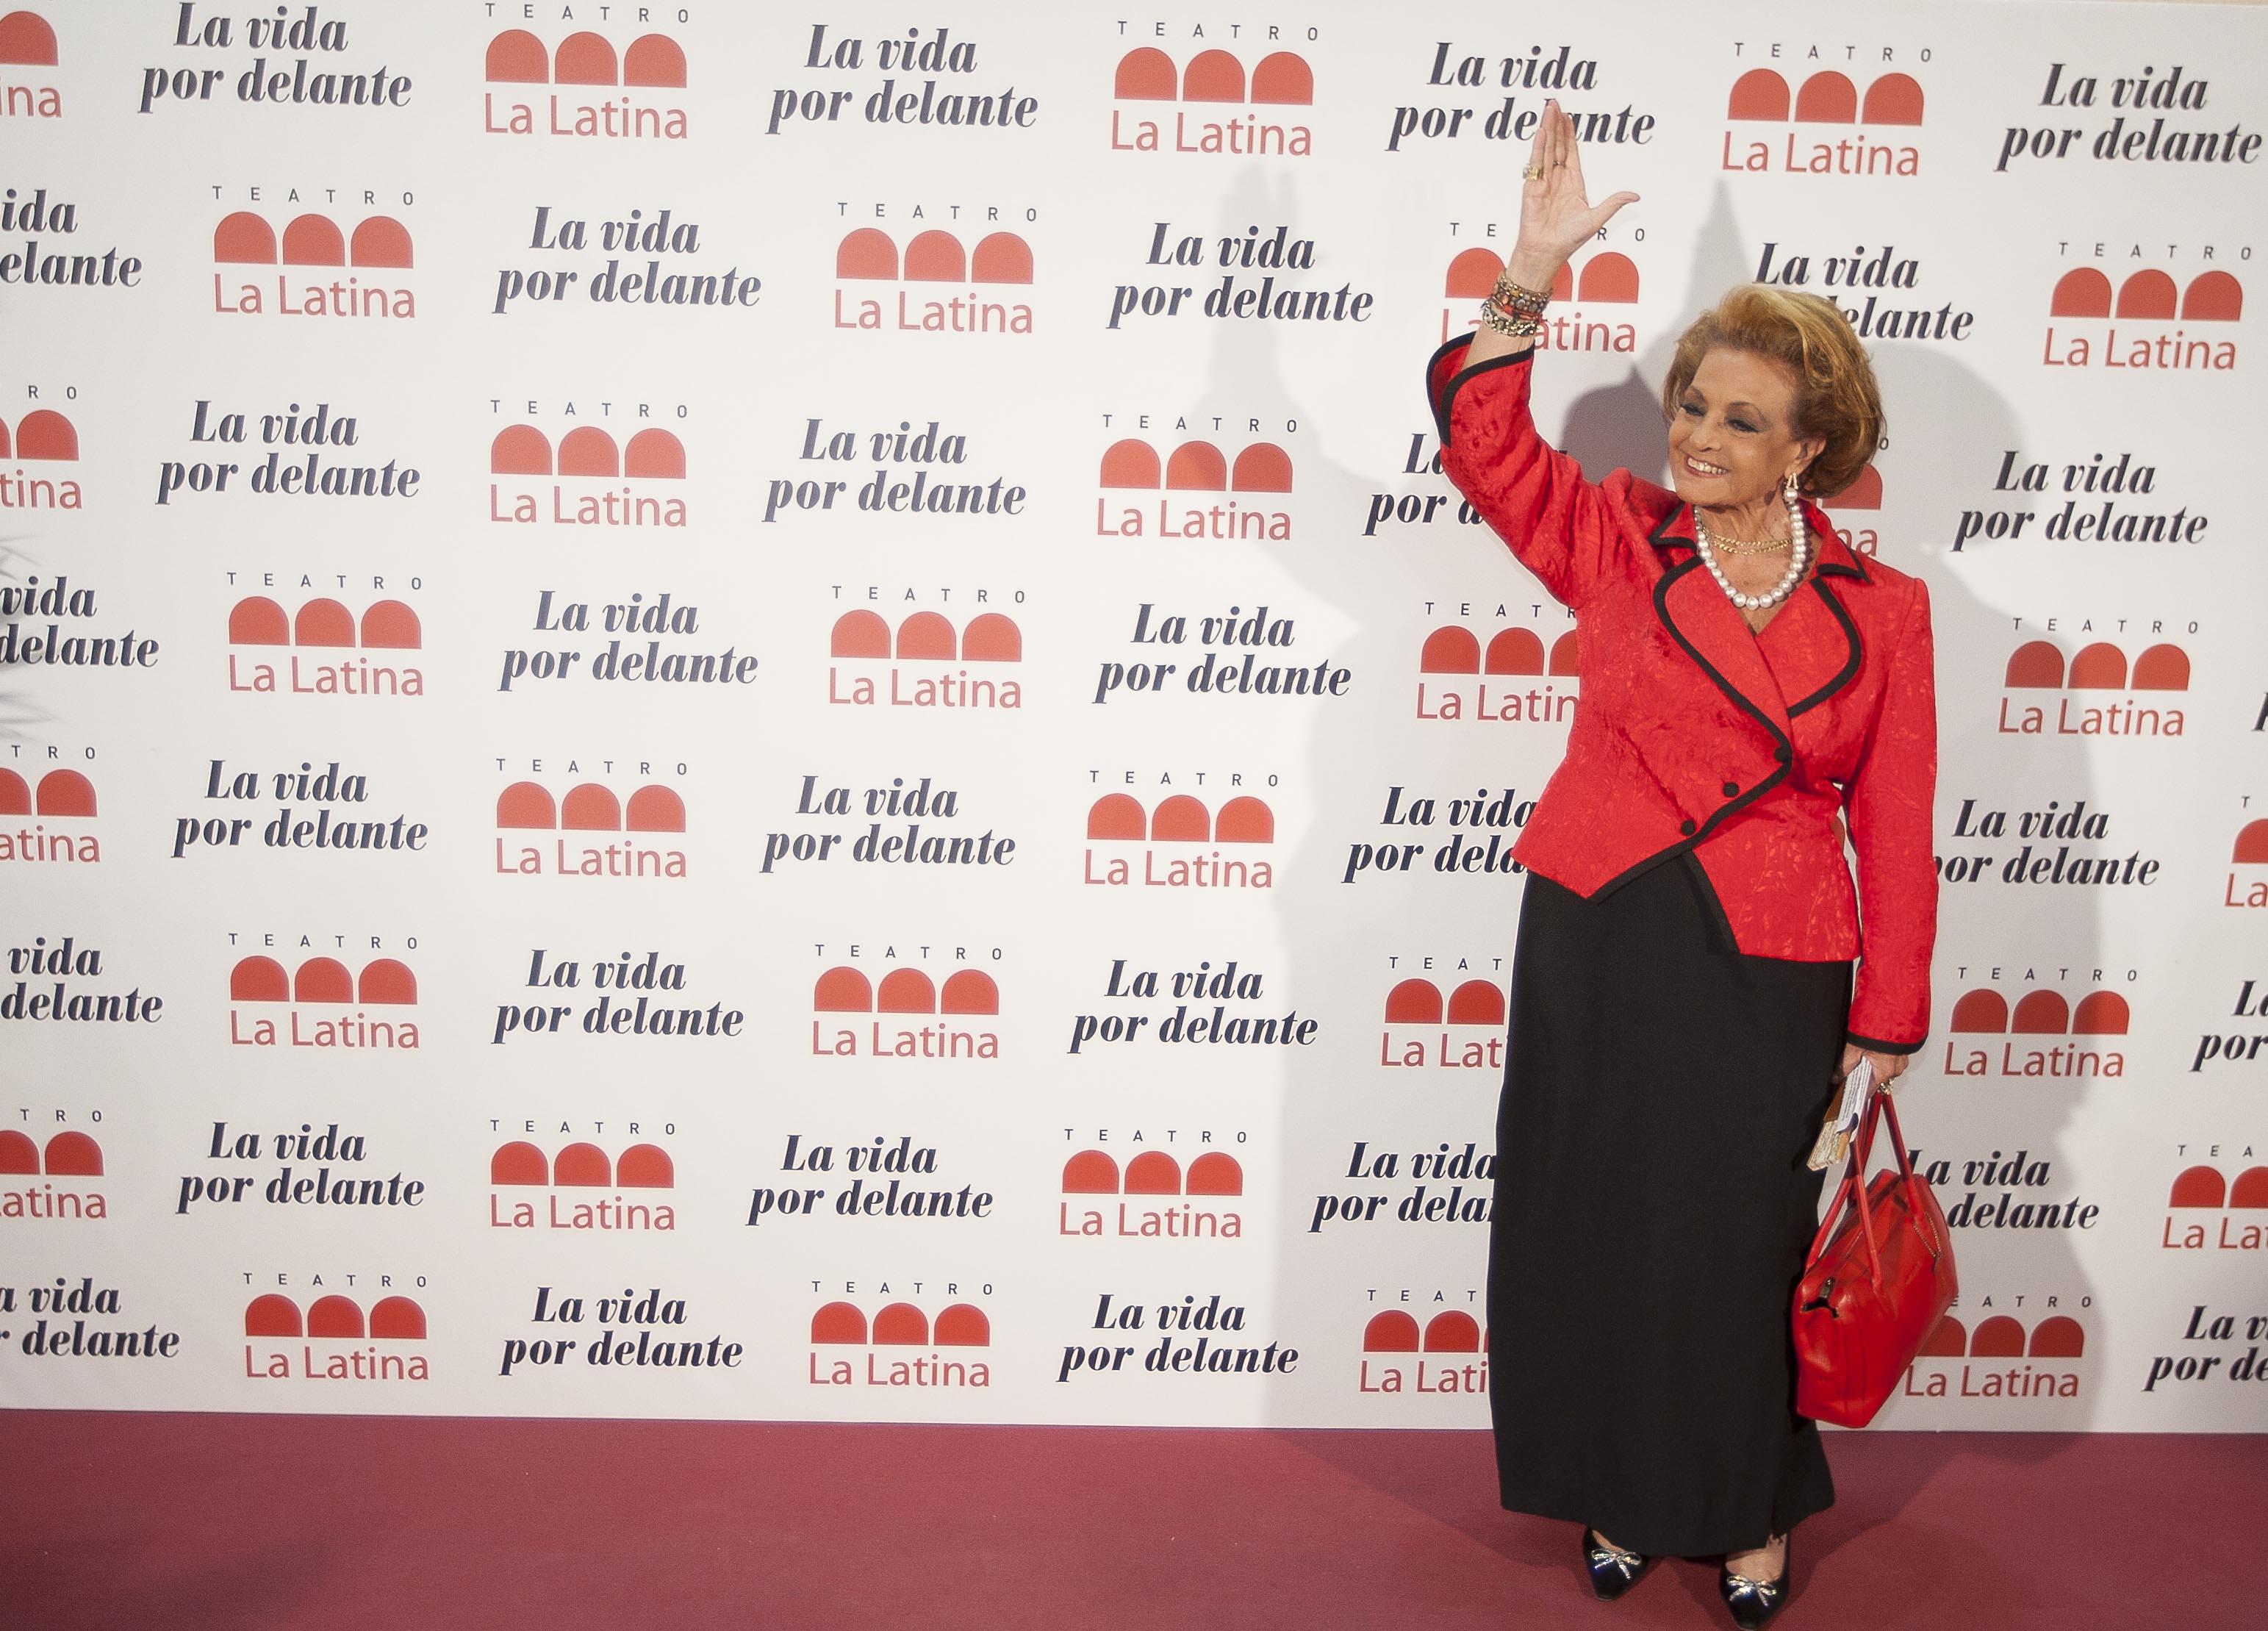 Carmen Sevilla en el teatro La Latina, Madrid, 2010. || Fuente: Getty Images